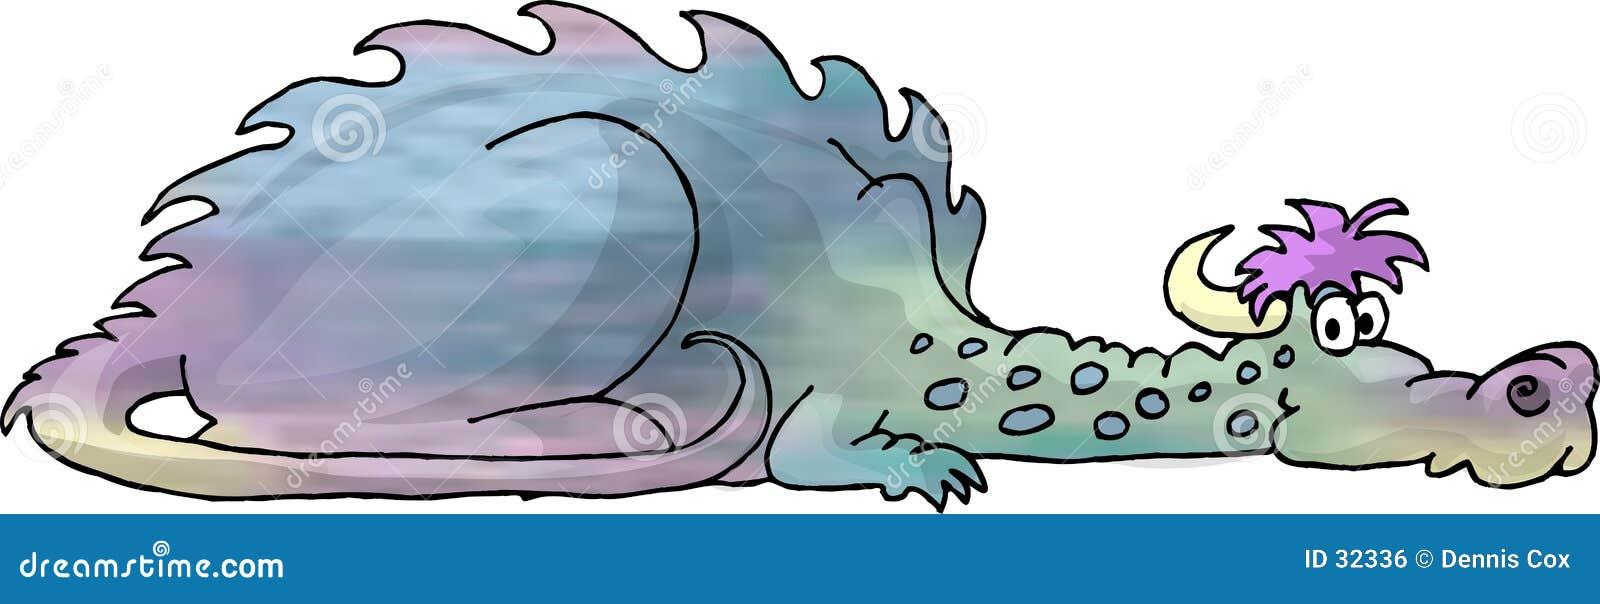 Multi-colored dragon